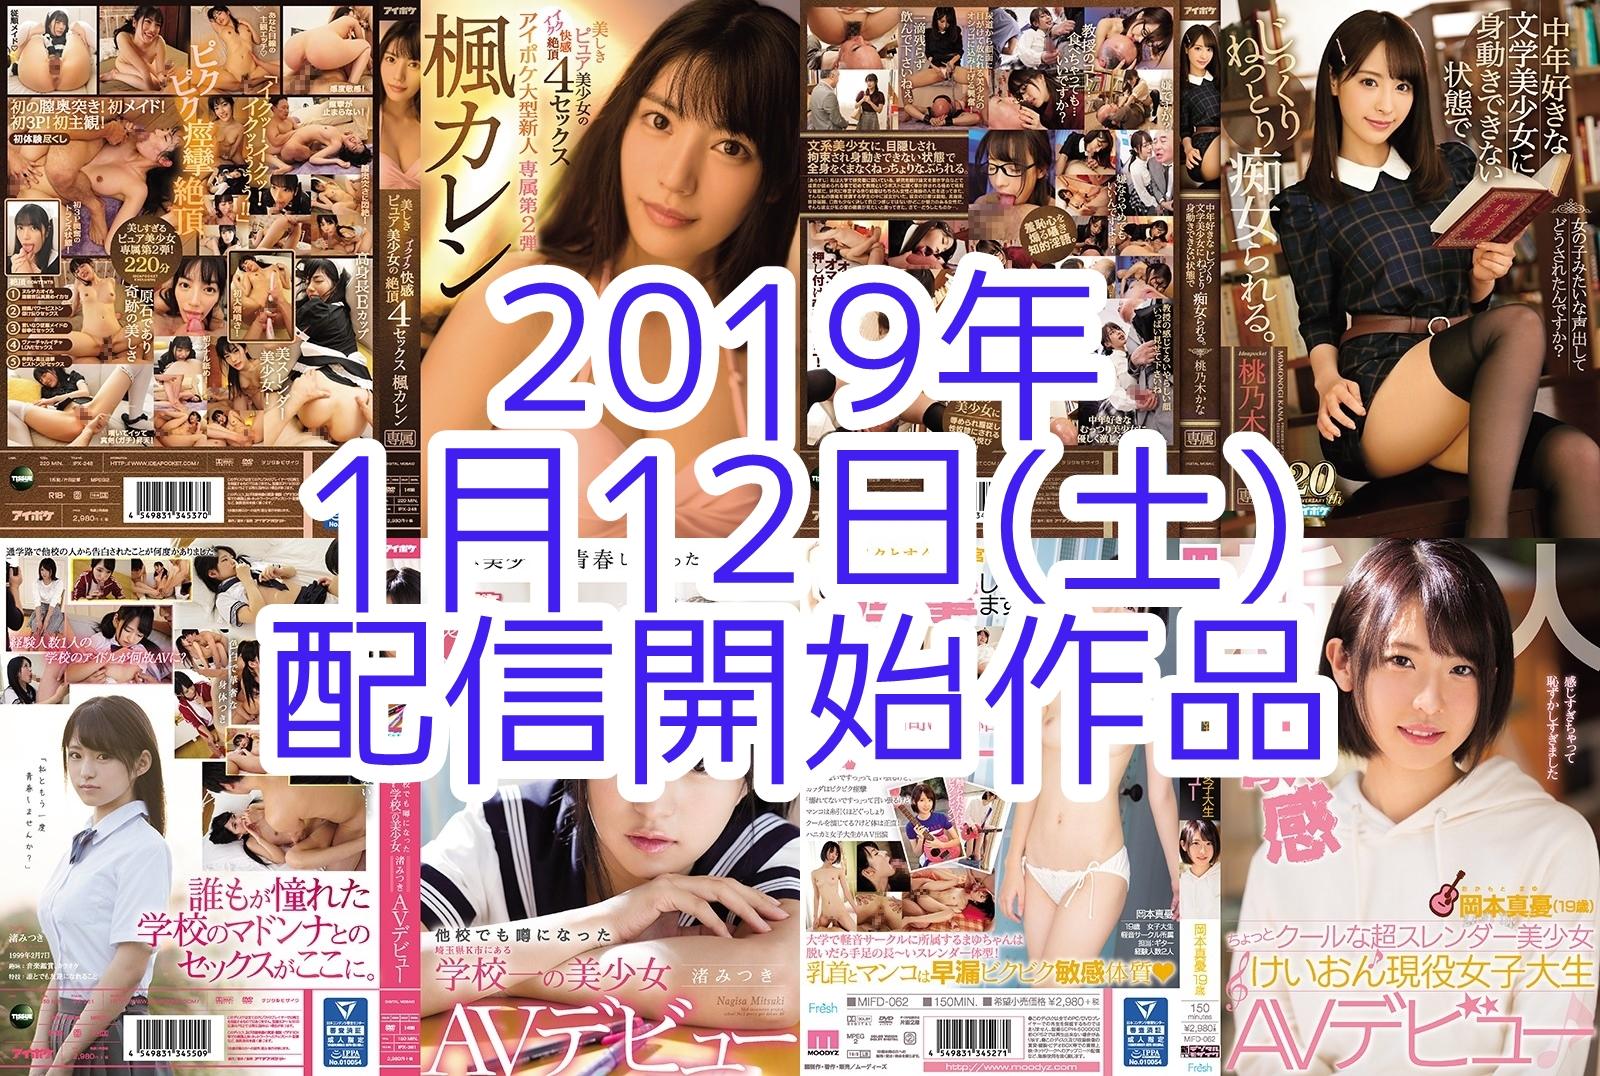 ipx00248pl-tile.jpg